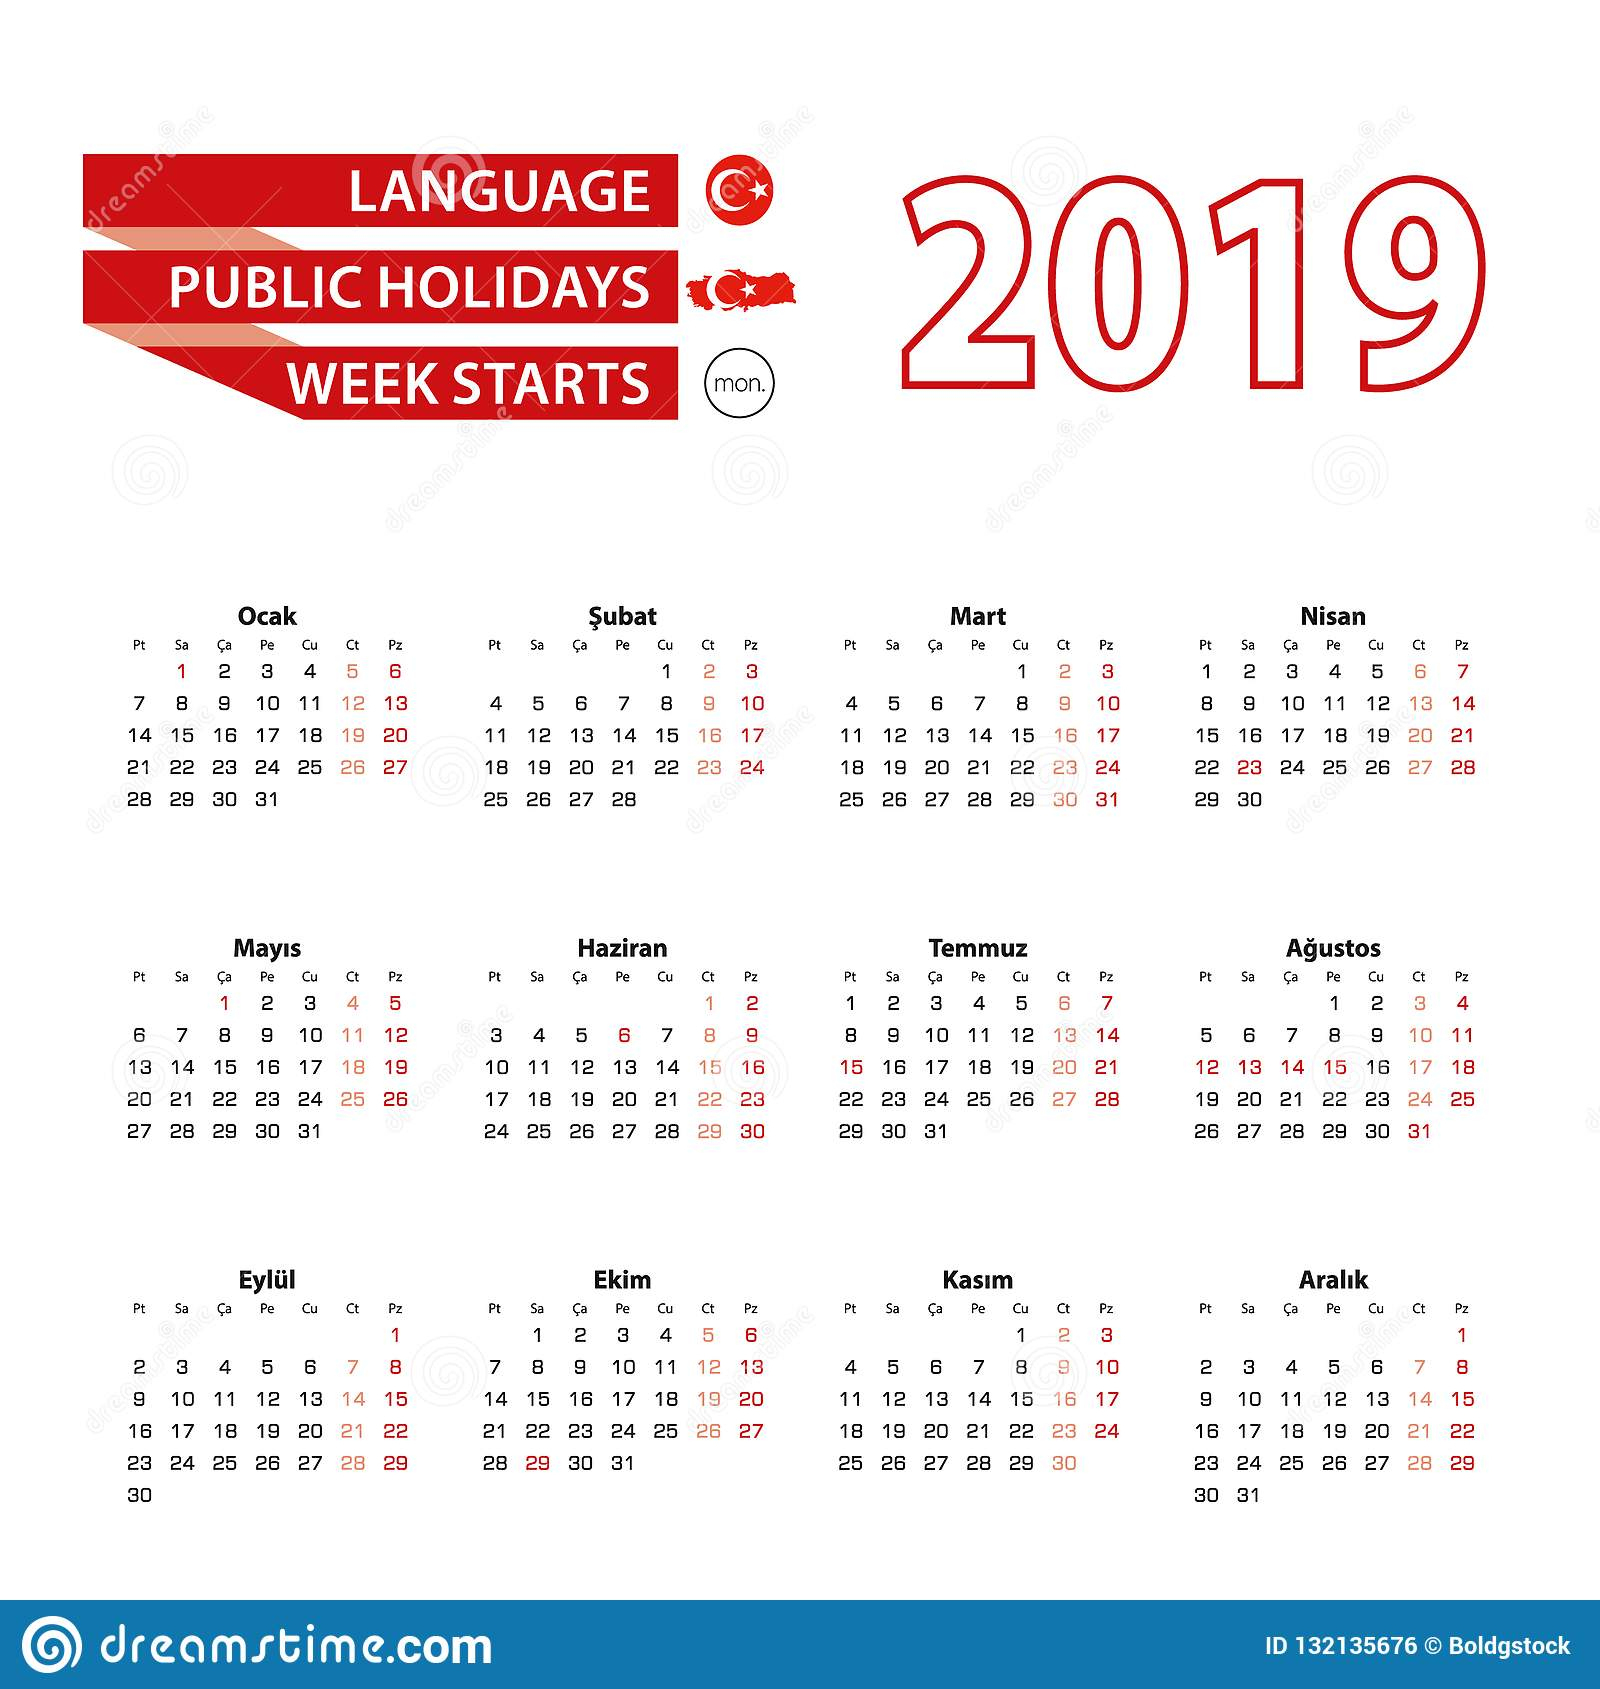 Calendrier 2019 Dans La Langue Turque Avec Des Jours Fériés concernant Calendrier 2019 Avec Semaine